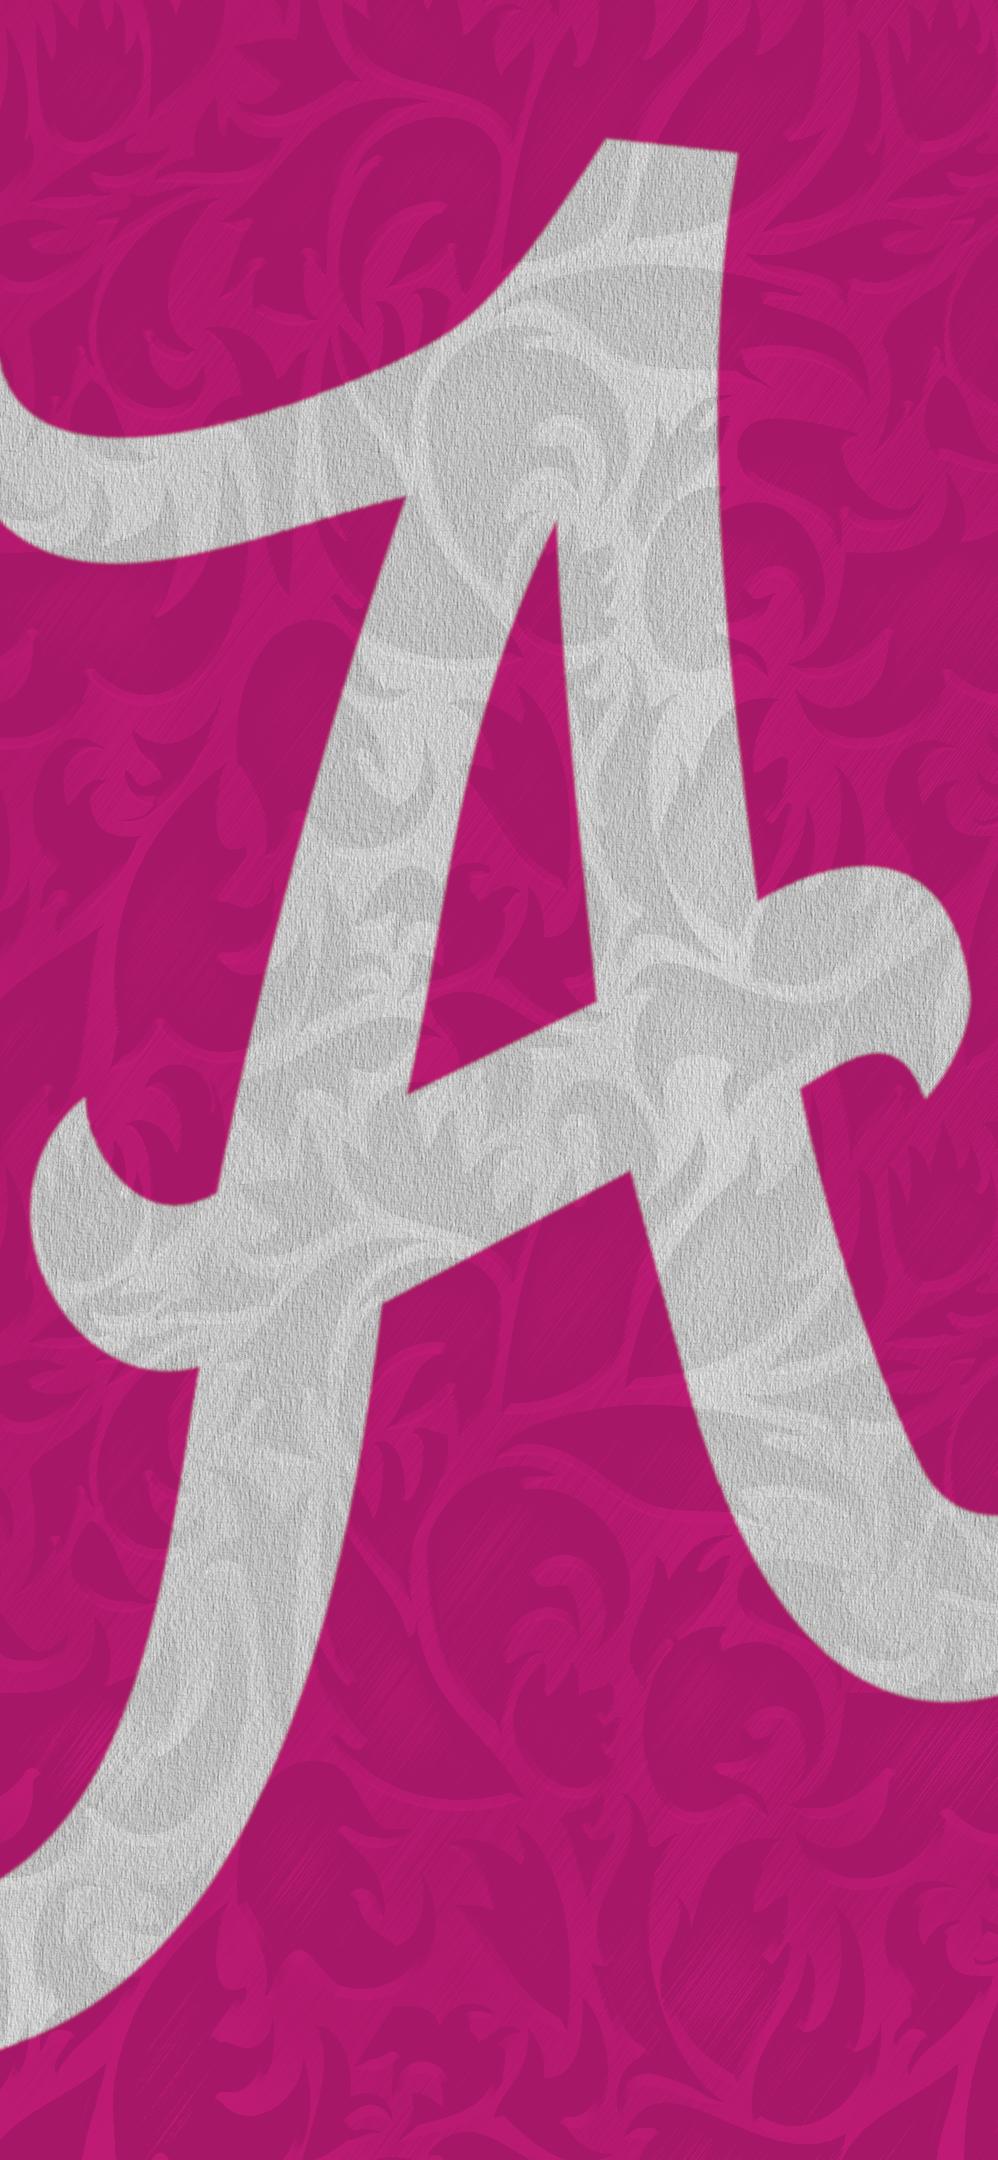 Big A Pink Alabama Wallpaper Alabama Crimson Tide Football Crimson Tide Football